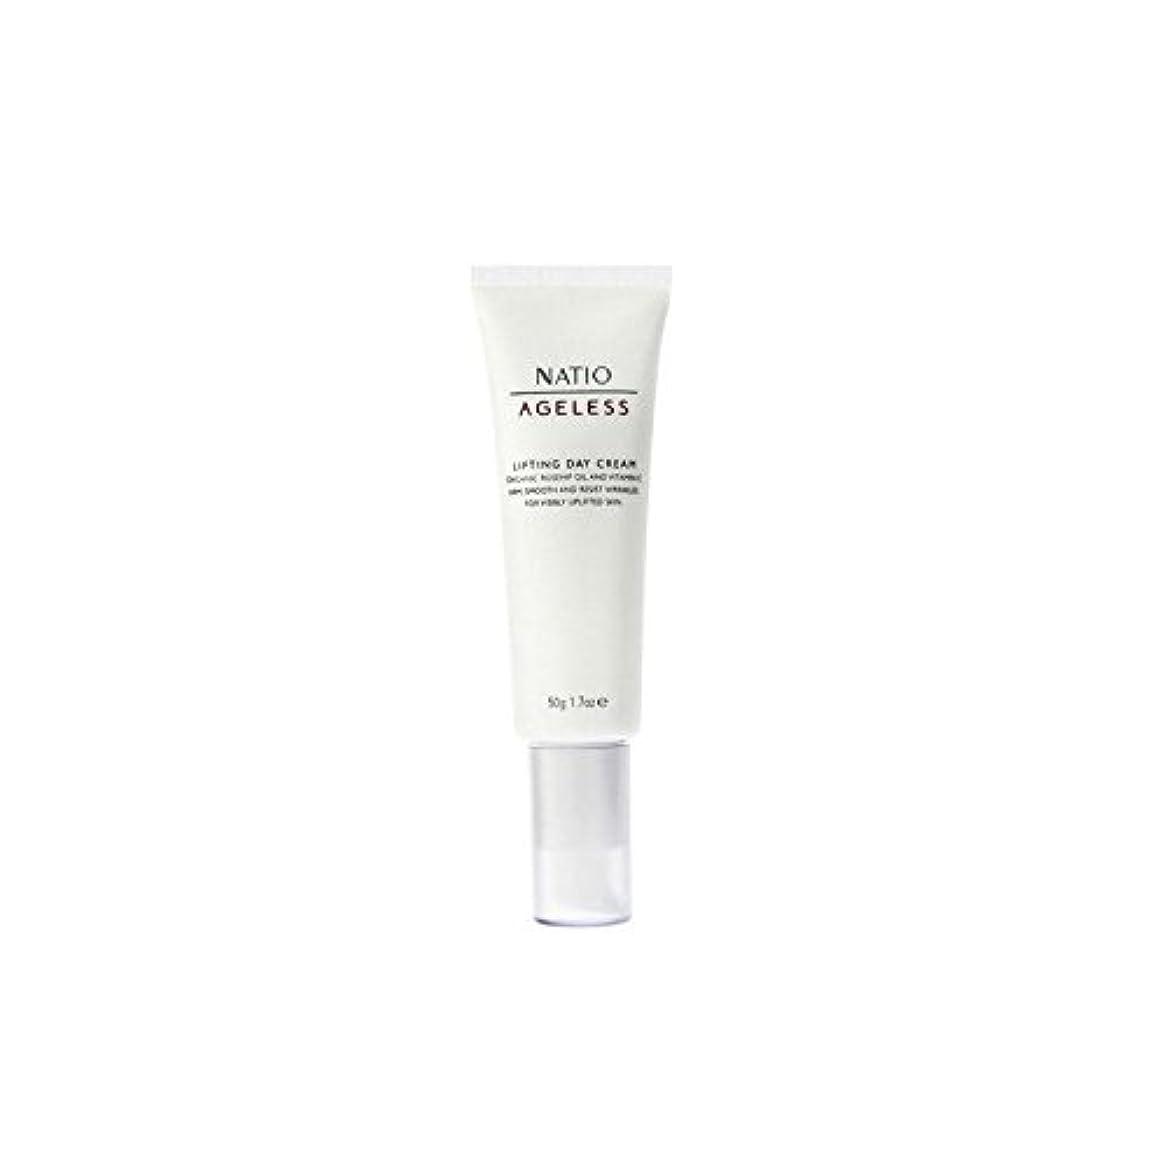 通路線平和な永遠リフティングデイクリーム(50グラム) x2 - Natio Ageless Lifting Day Cream (50G) (Pack of 2) [並行輸入品]